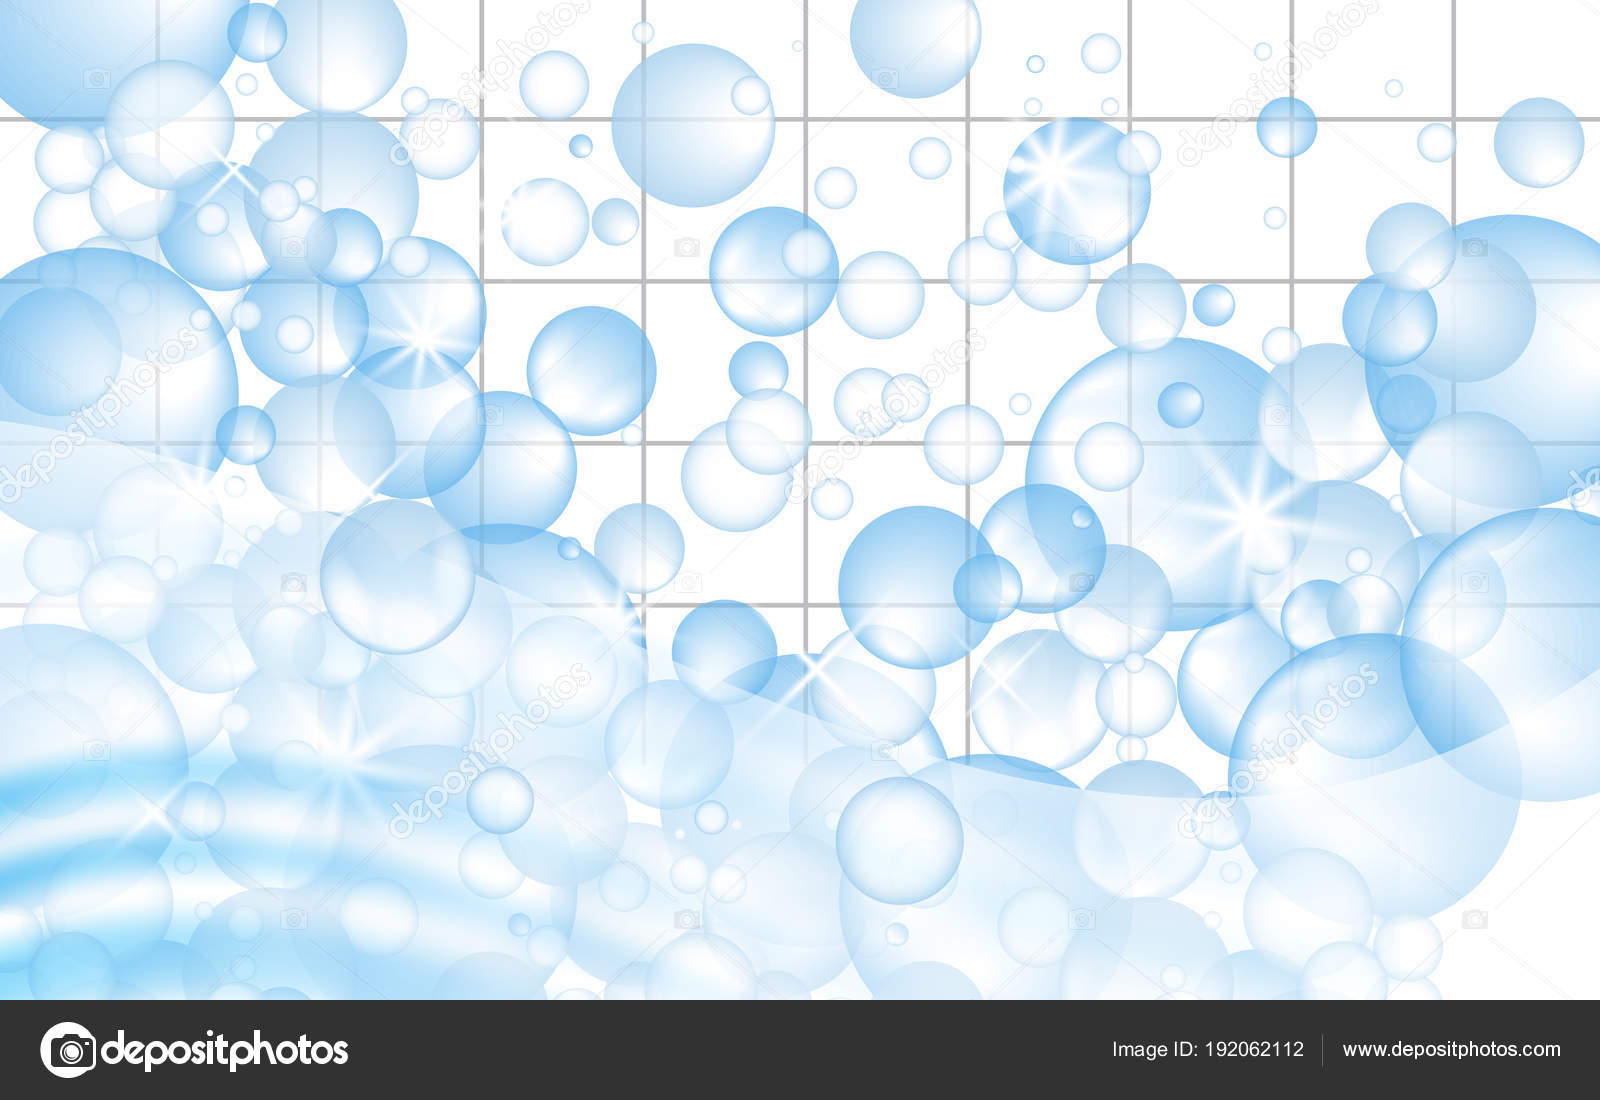 Tessere di mosaico bianco sfondo con bolle di sapone galleggianti